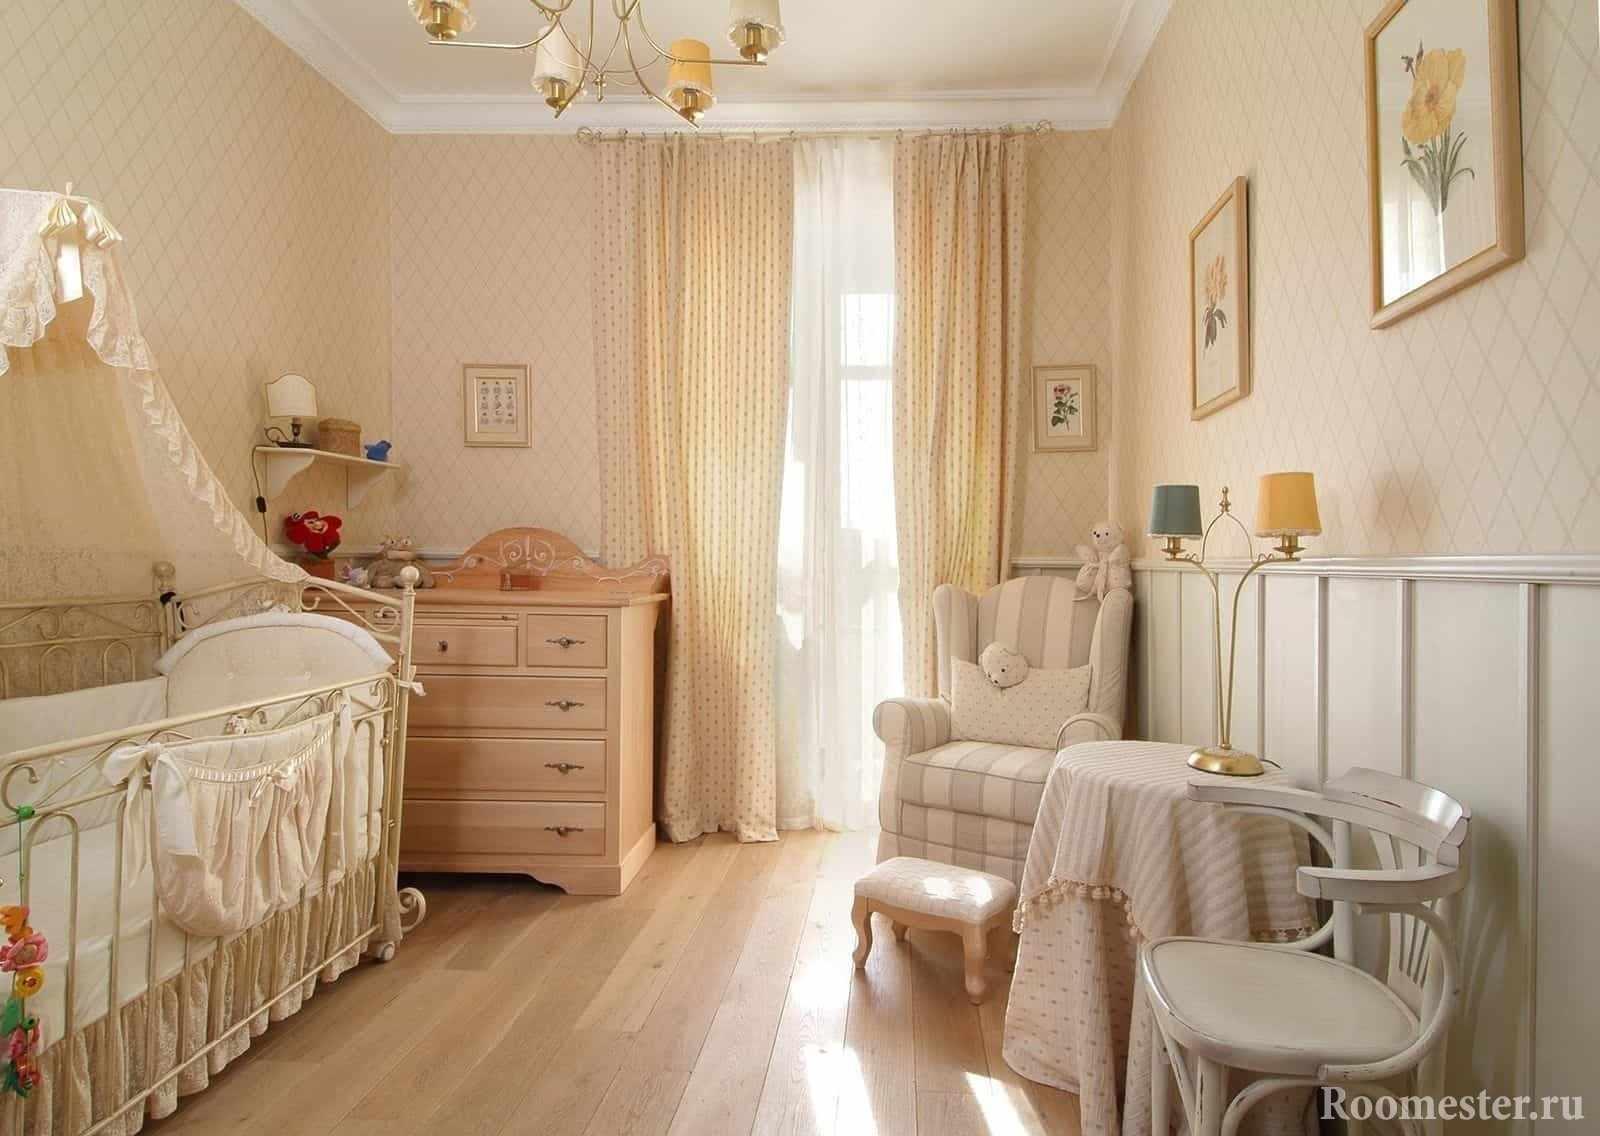 Детская комната для девочки 2-3 лет